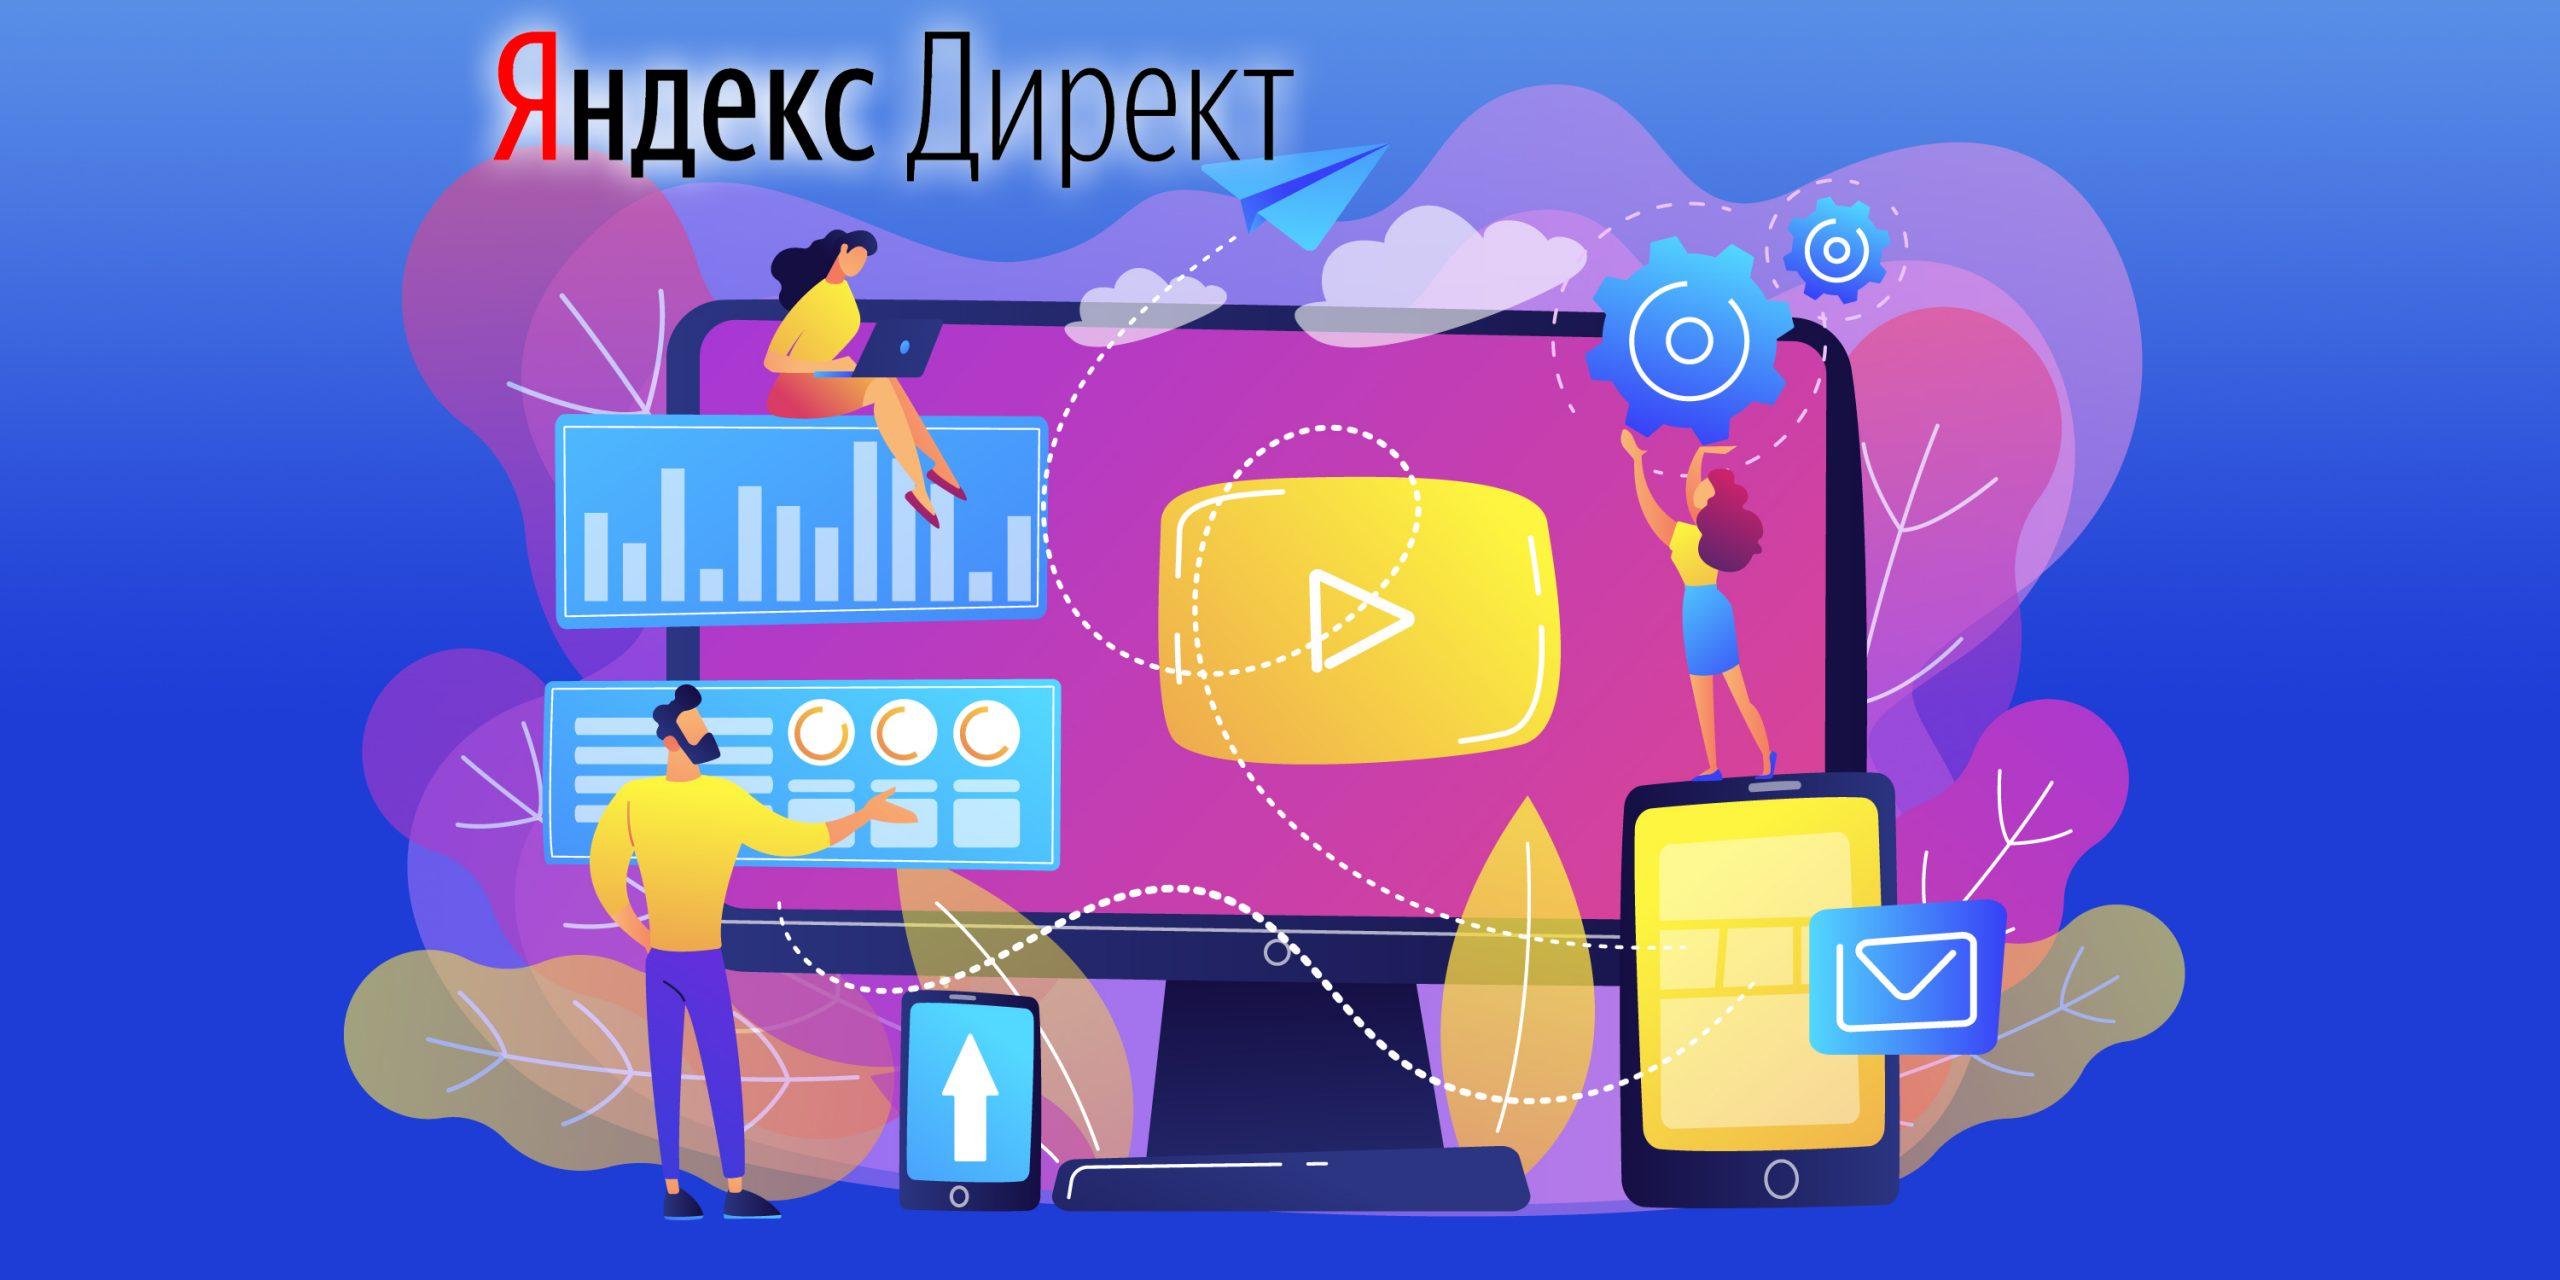 {:en}Yandex.Direct Ads: A Comprehensive Guide for Beginners{:}{:ru}Настройка рекламы в Яндекс.Директ: полный гайд для начинающих{:}